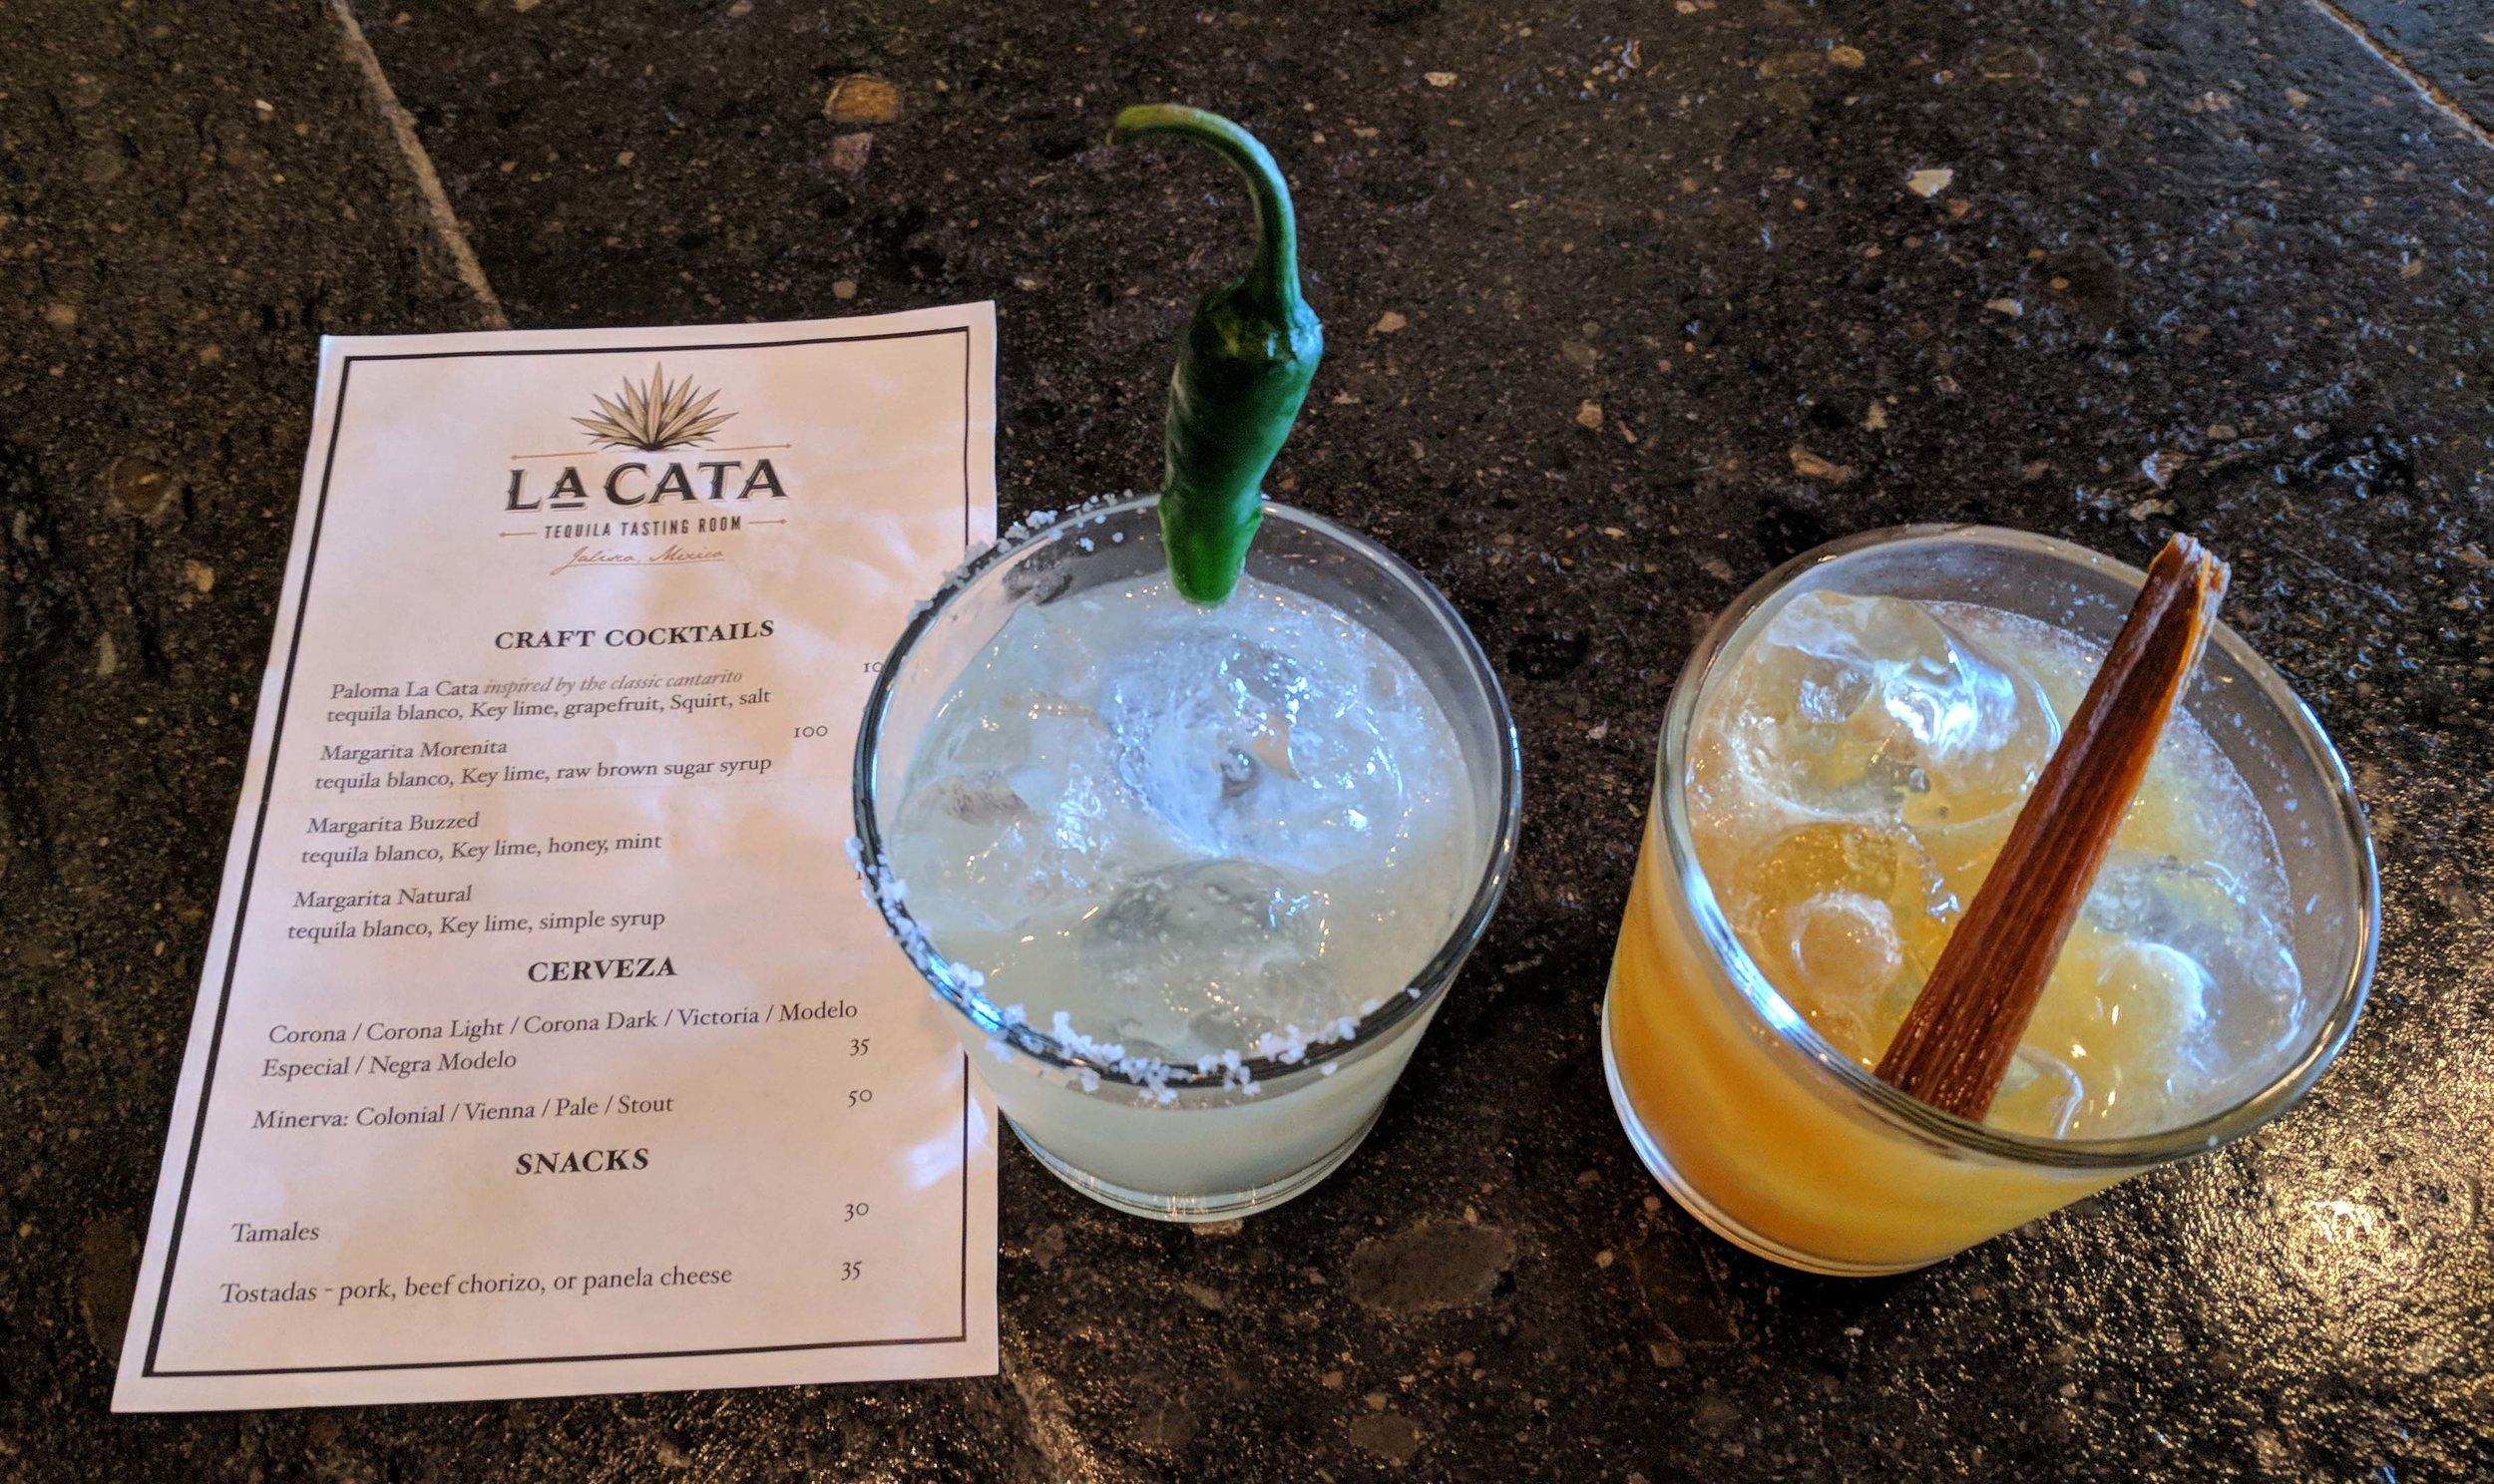 Tequila cocktails in La Cata